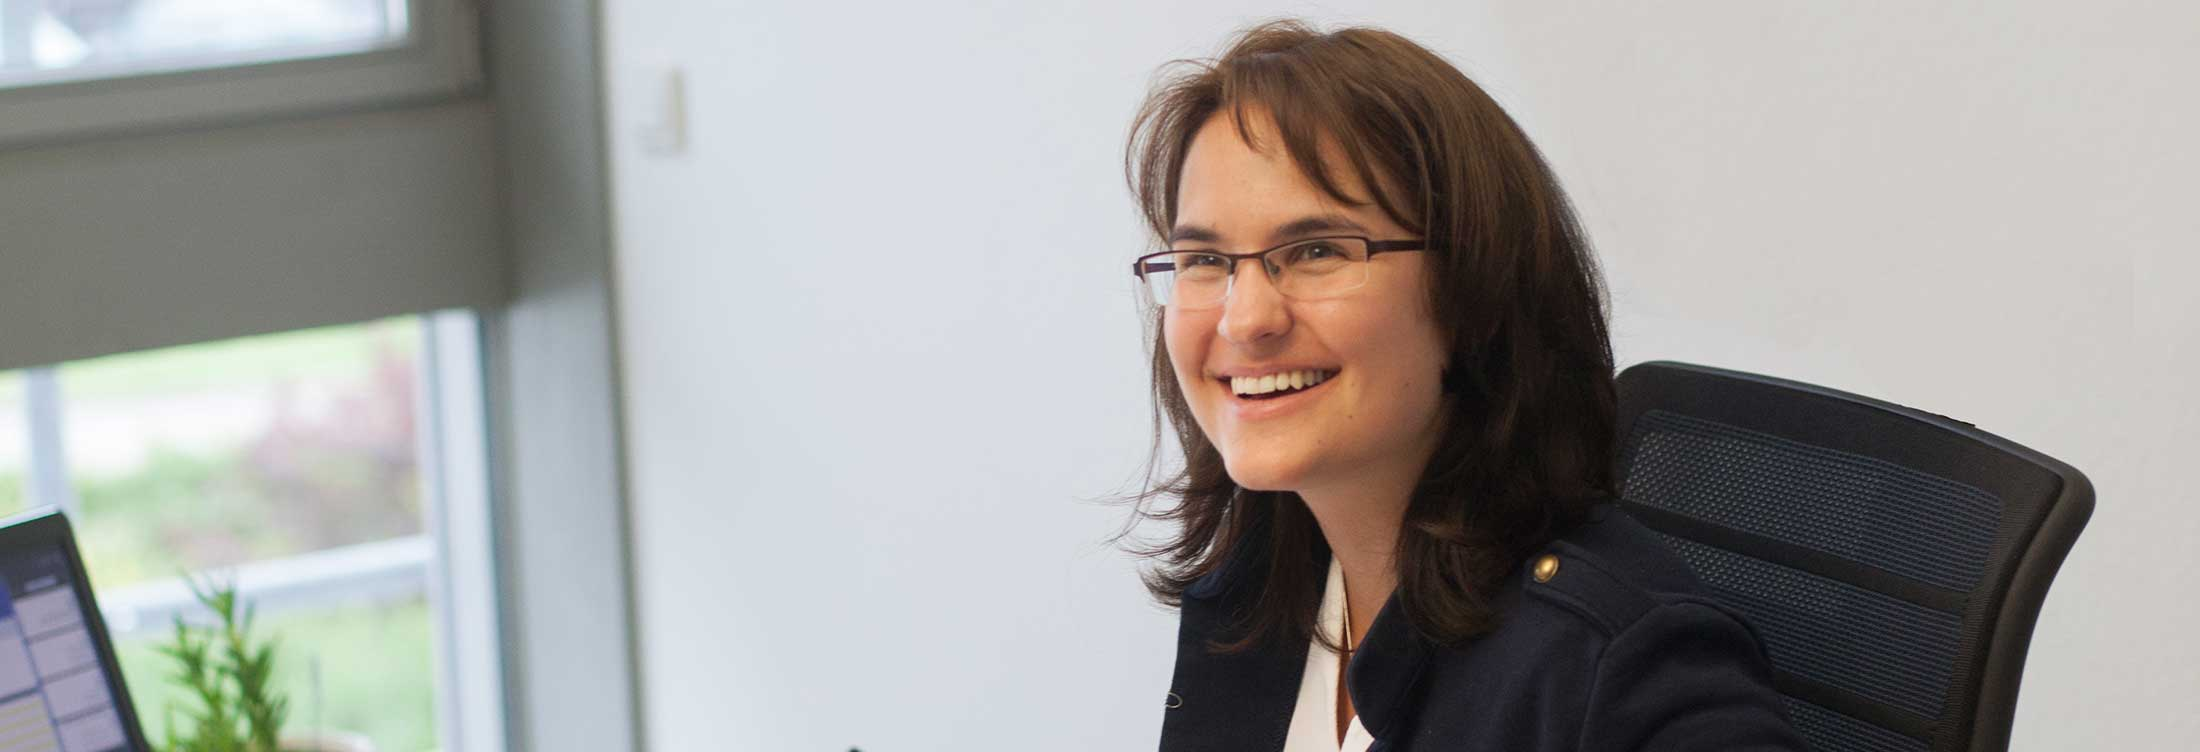 Rechtsanwältin Melanie Mathis, Fachanwältin für Verkehrsrecht